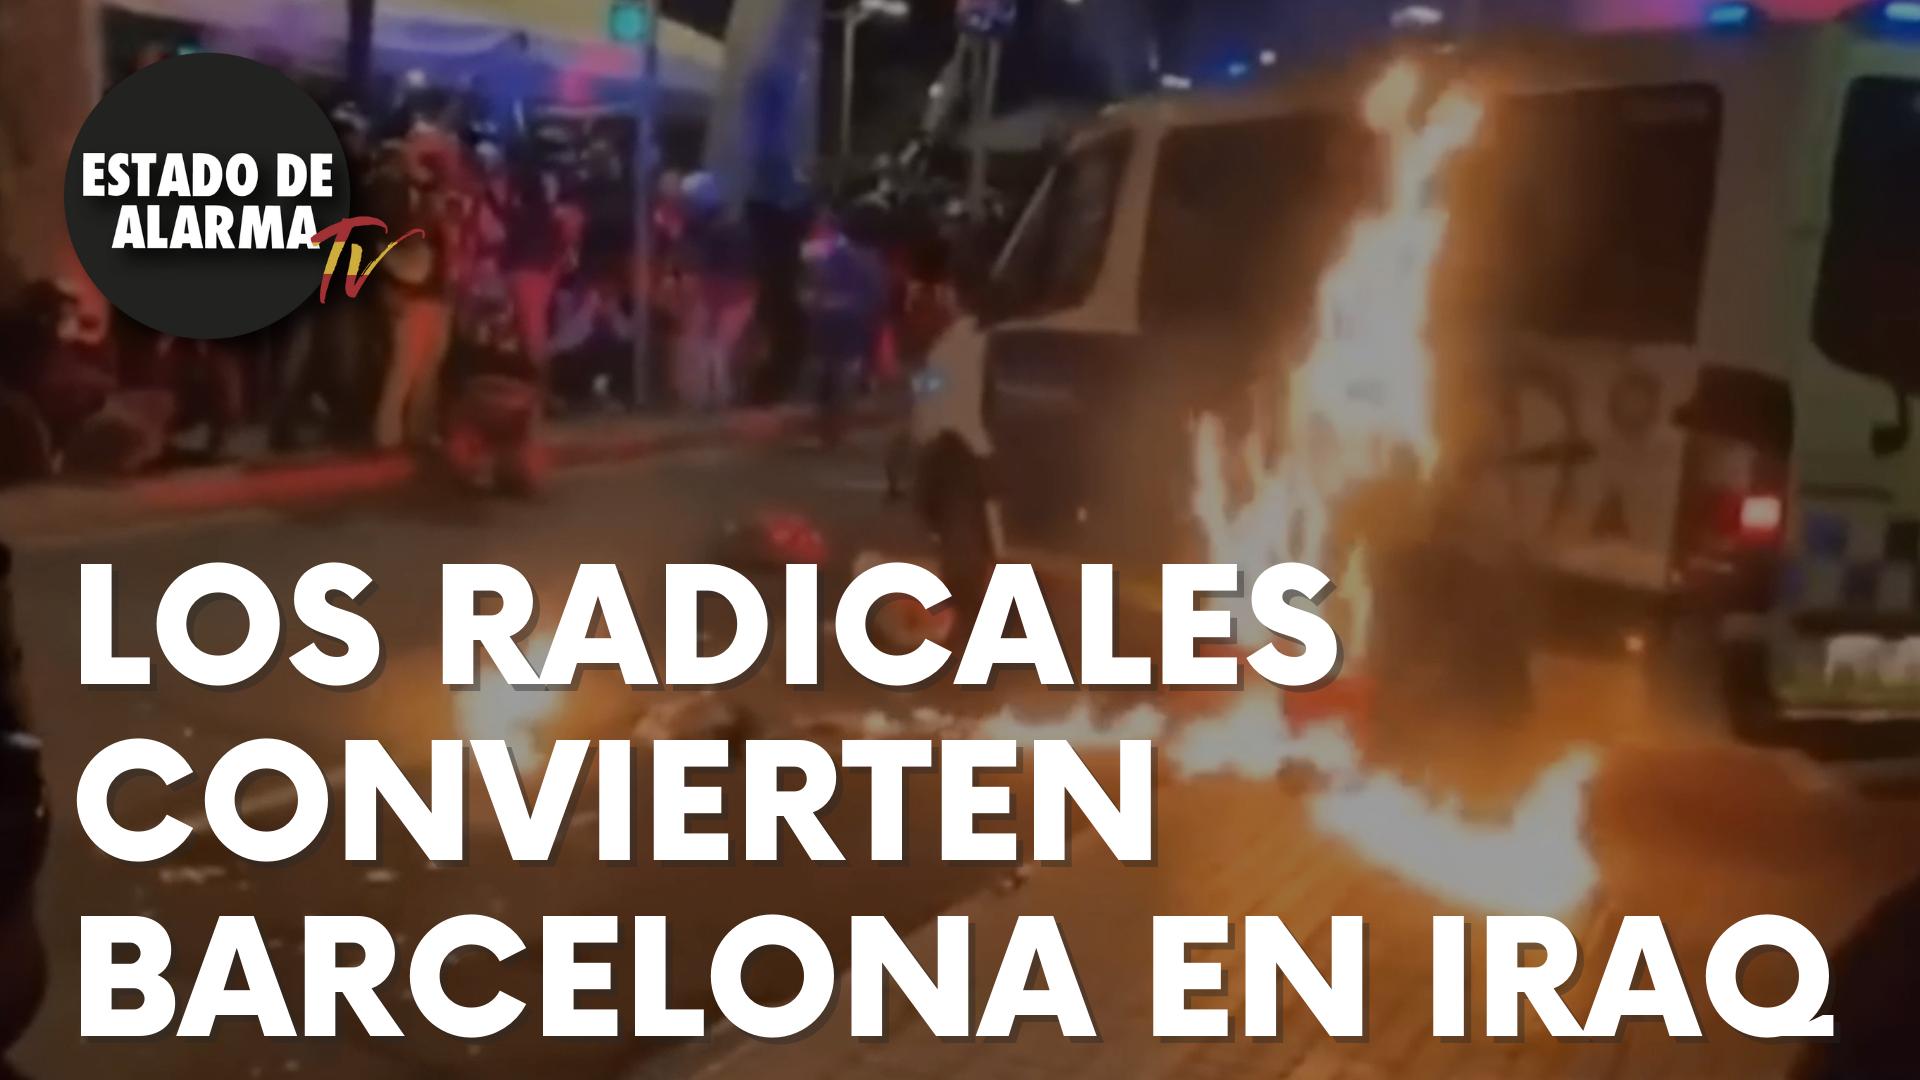 Los radicales convierten Barcelona en Iraq